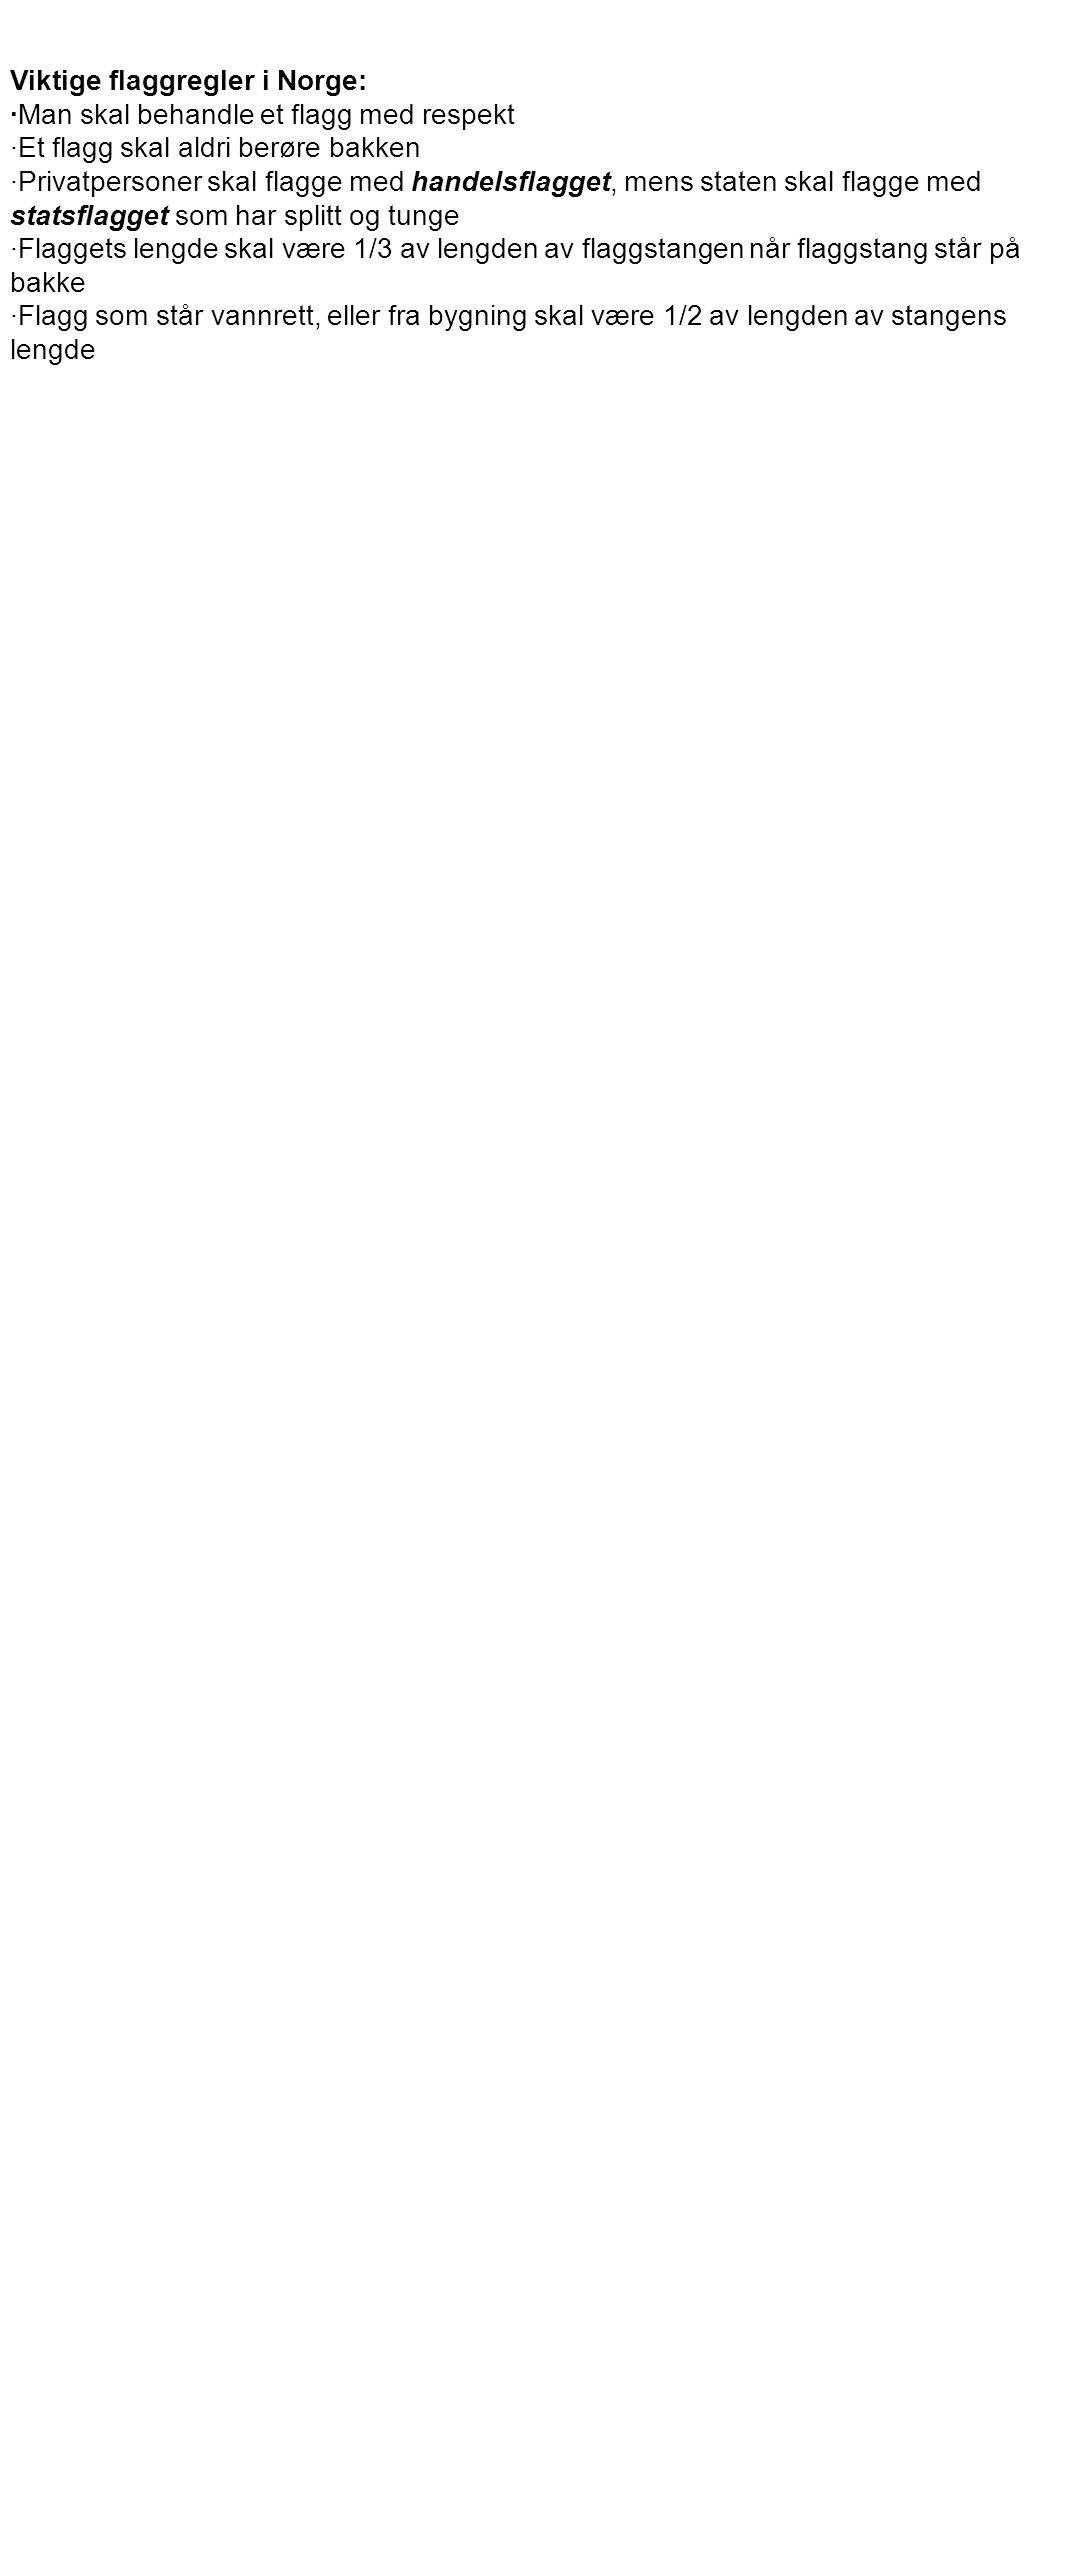 ·Ved flaggheising skal man ikke heise to flagg på samme flaggstang ·Dersom et flagg brukes til dekorasjon, skal det henge fritt, og ikke spikres eller kunne tråkkes på ·Et ødelagt eller slitt flagg skal enten brennes eller sprettes opp slik at fargene skilles fra hverandre ·Flaggets proporsjoner: Lengde: 6-1-2-1-12 med henholdsvis rød, hvit, blå, hvit og rød farge.